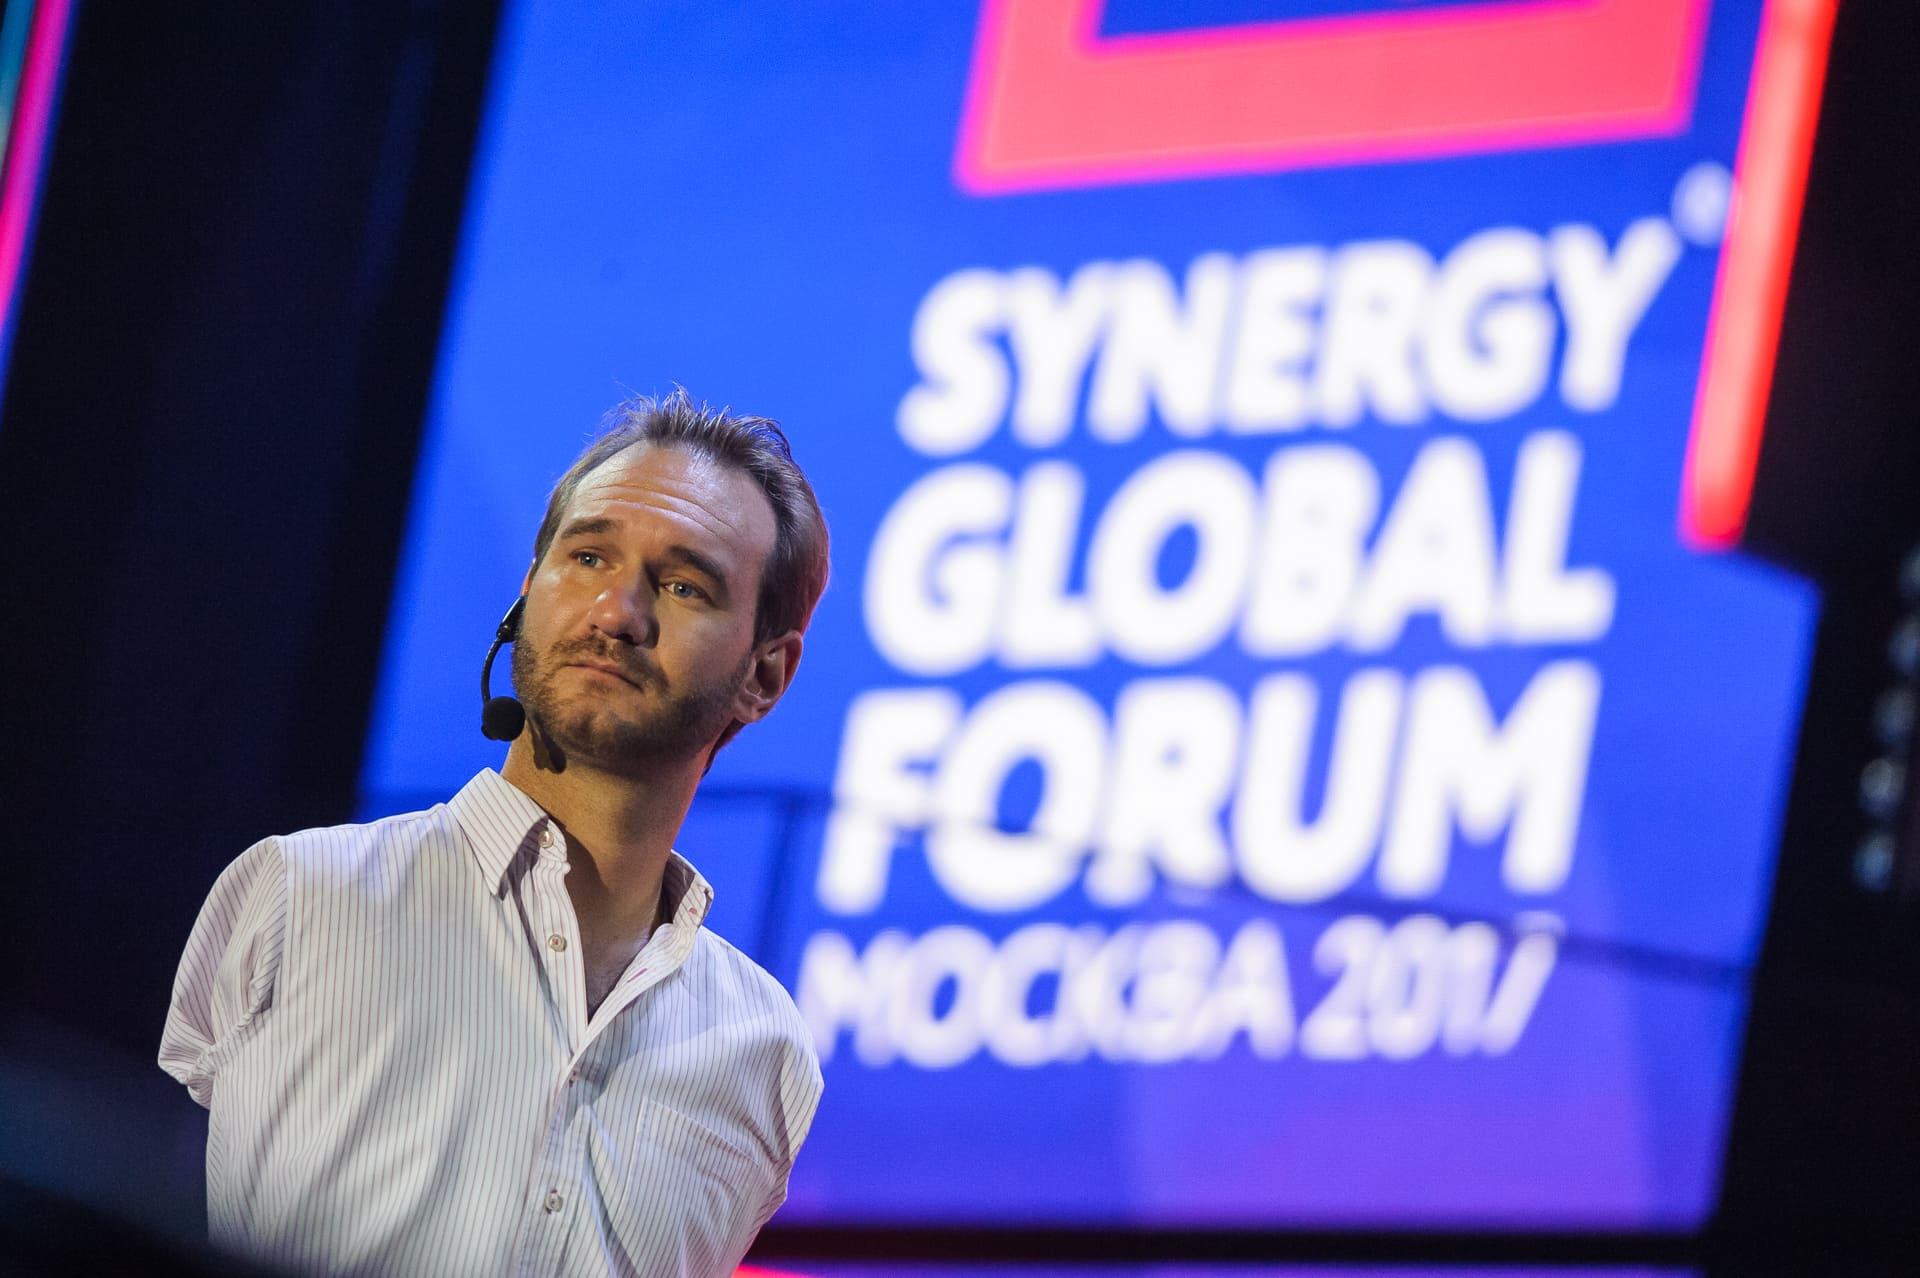 На бизнес-форуме «Синергии» Synergy Global Forum в Москве выступил известный мотивационный спикер Ник Вуйчич